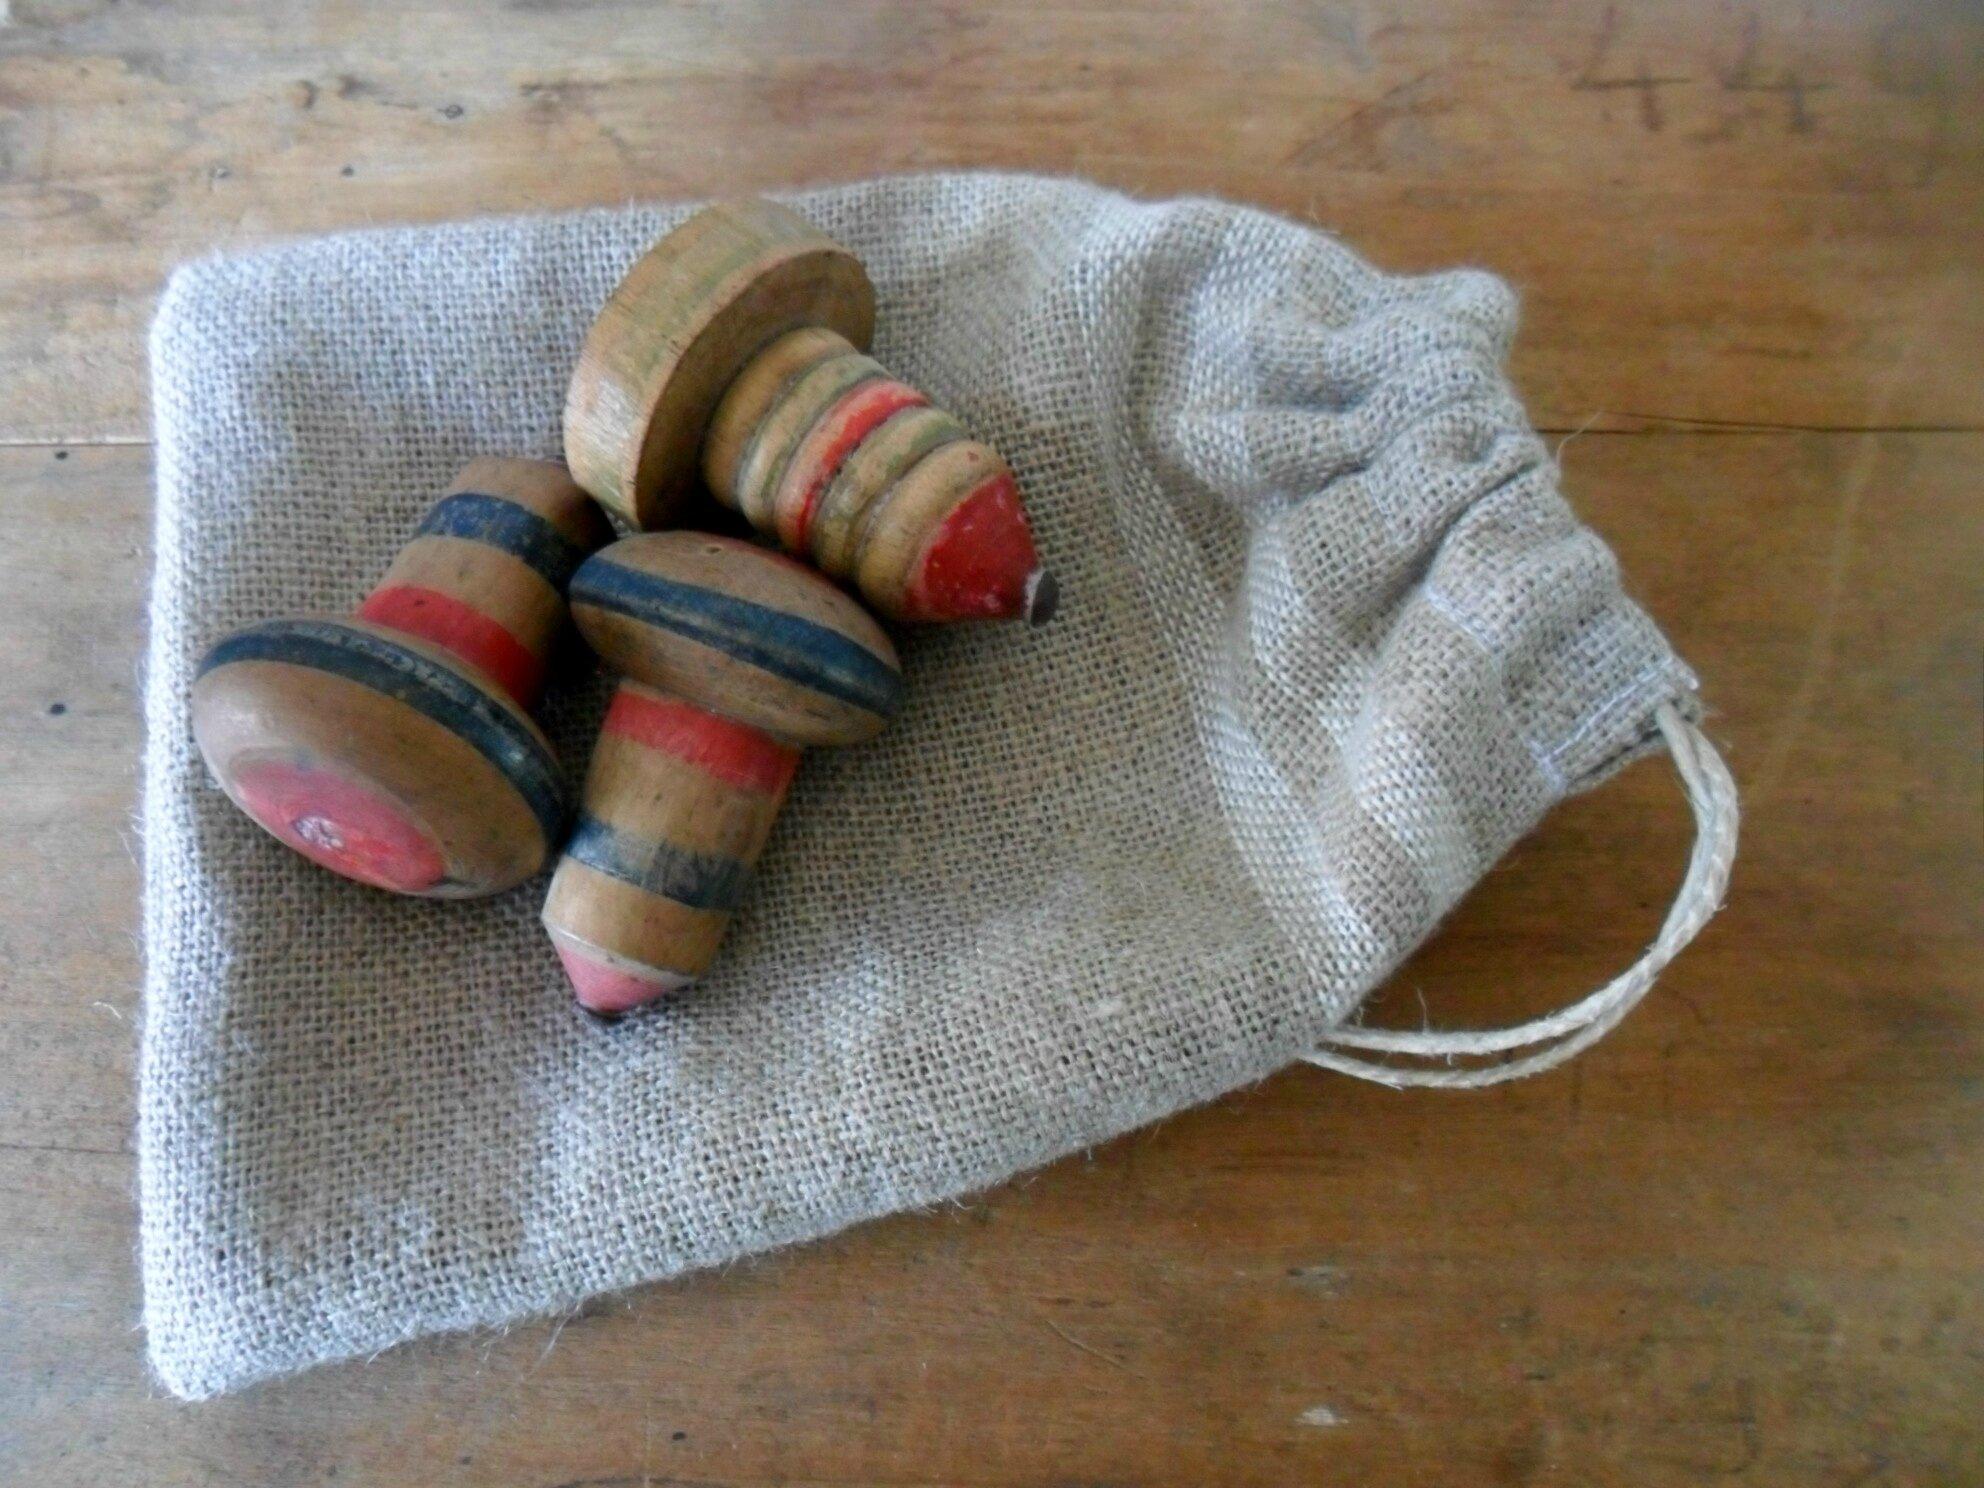 lot de 3 toupies anciennes en bois peintes, vendues avec leur sac en lin (neuf), port offert, 25€